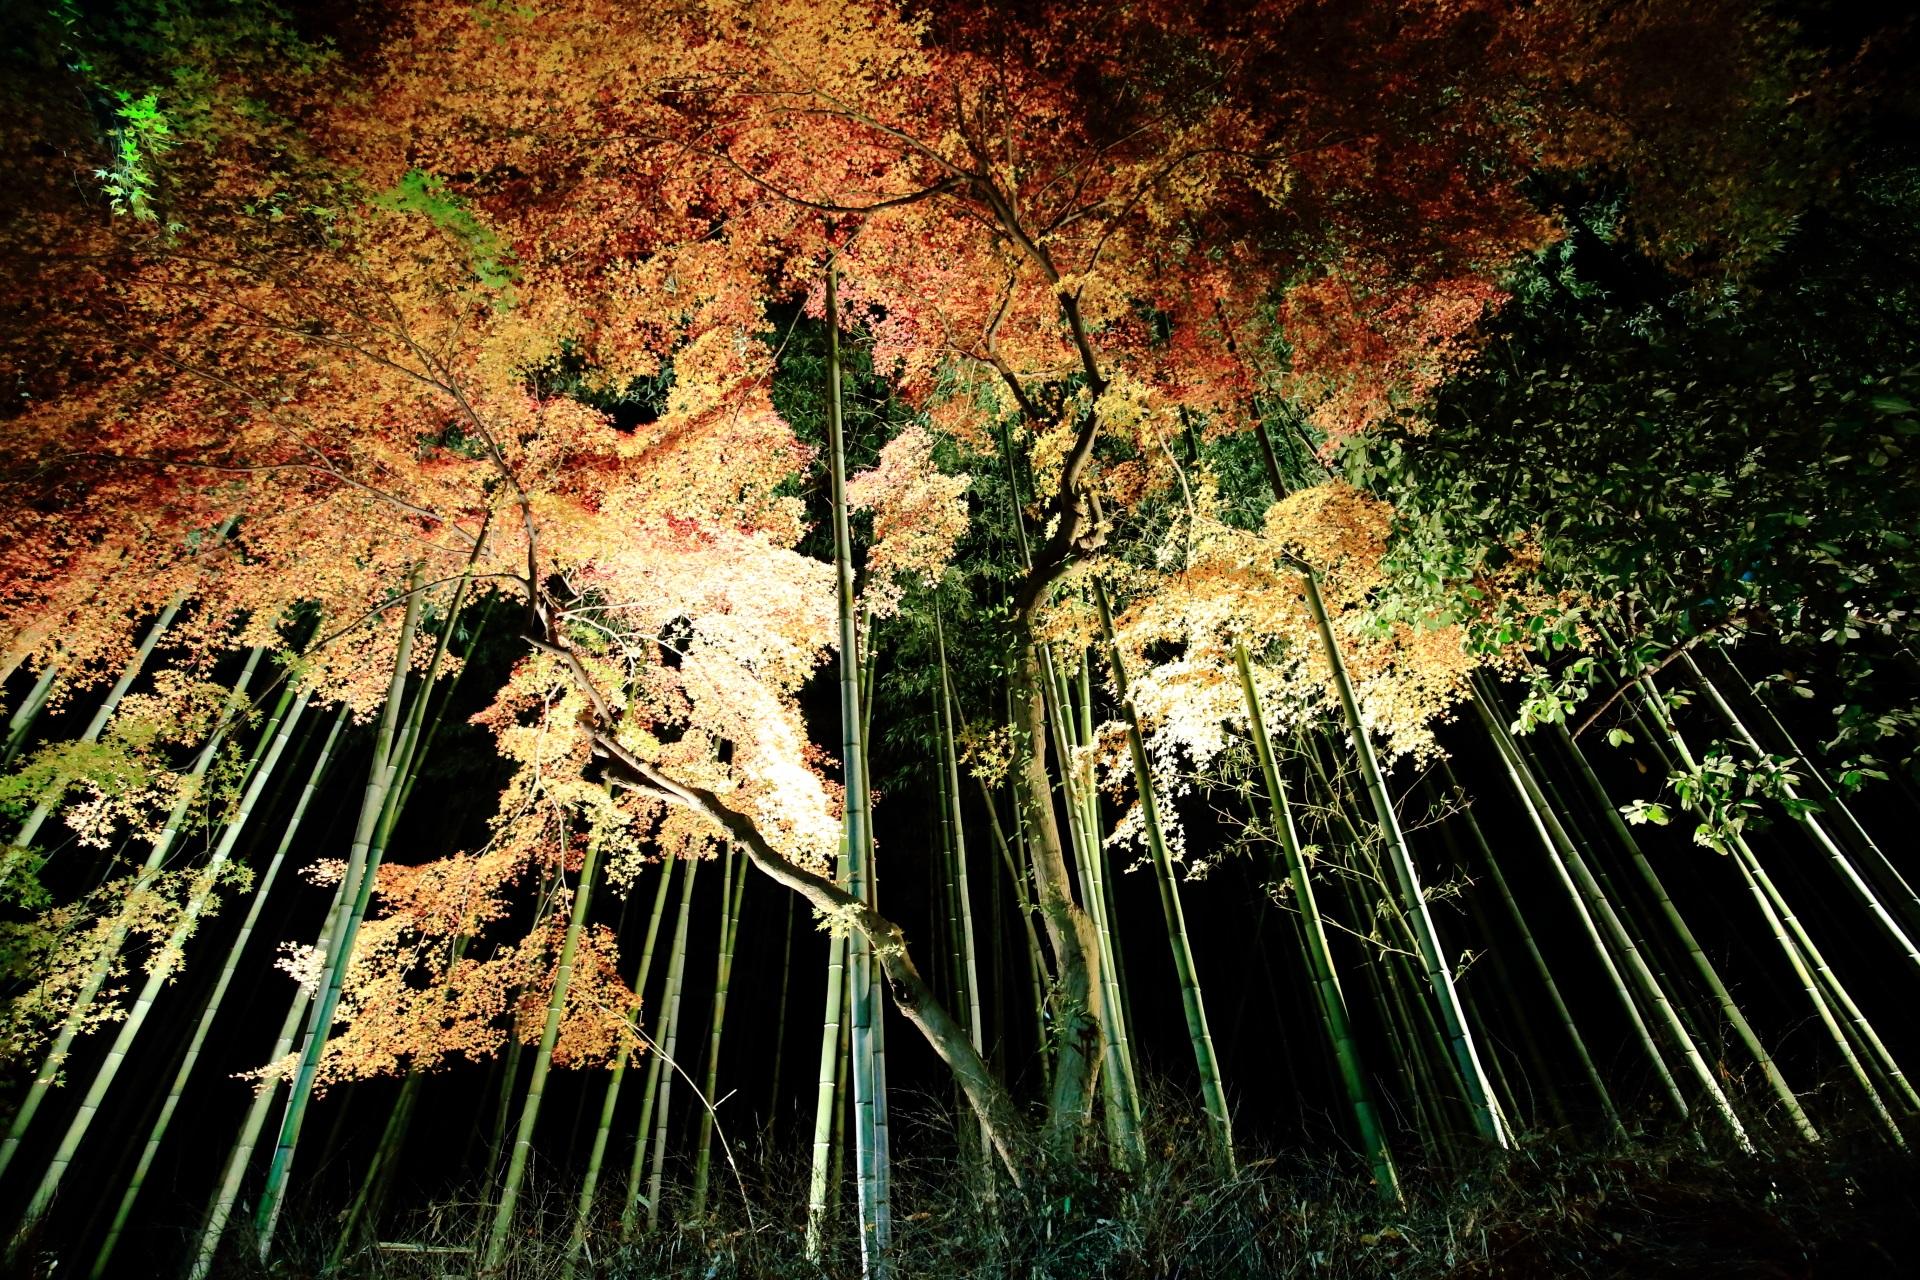 京都嵐山花灯路の竹林と紅葉のライトアップ